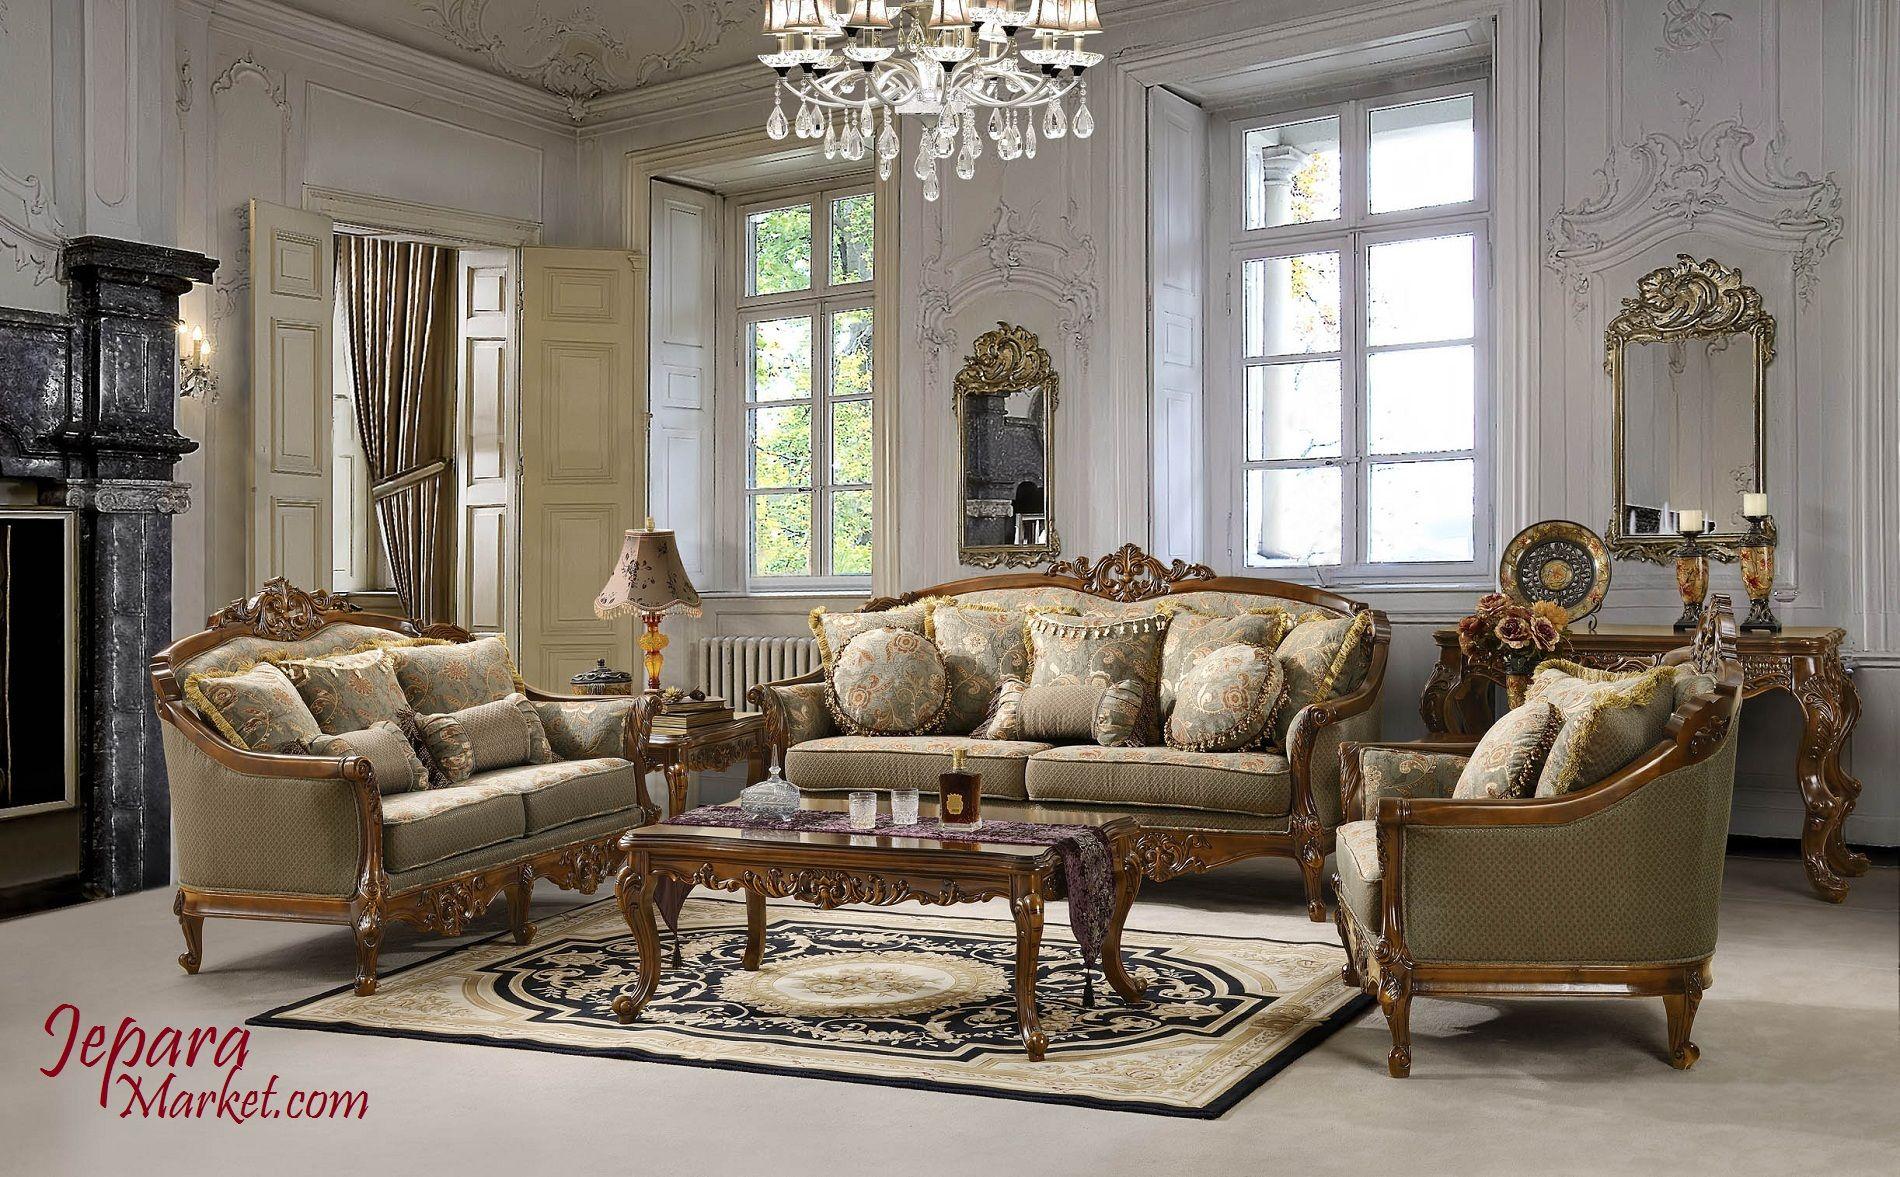 Kursi Sofa Tamu Ukiran Model Belanda Cocok Untuk Ruang Tamu Rumah